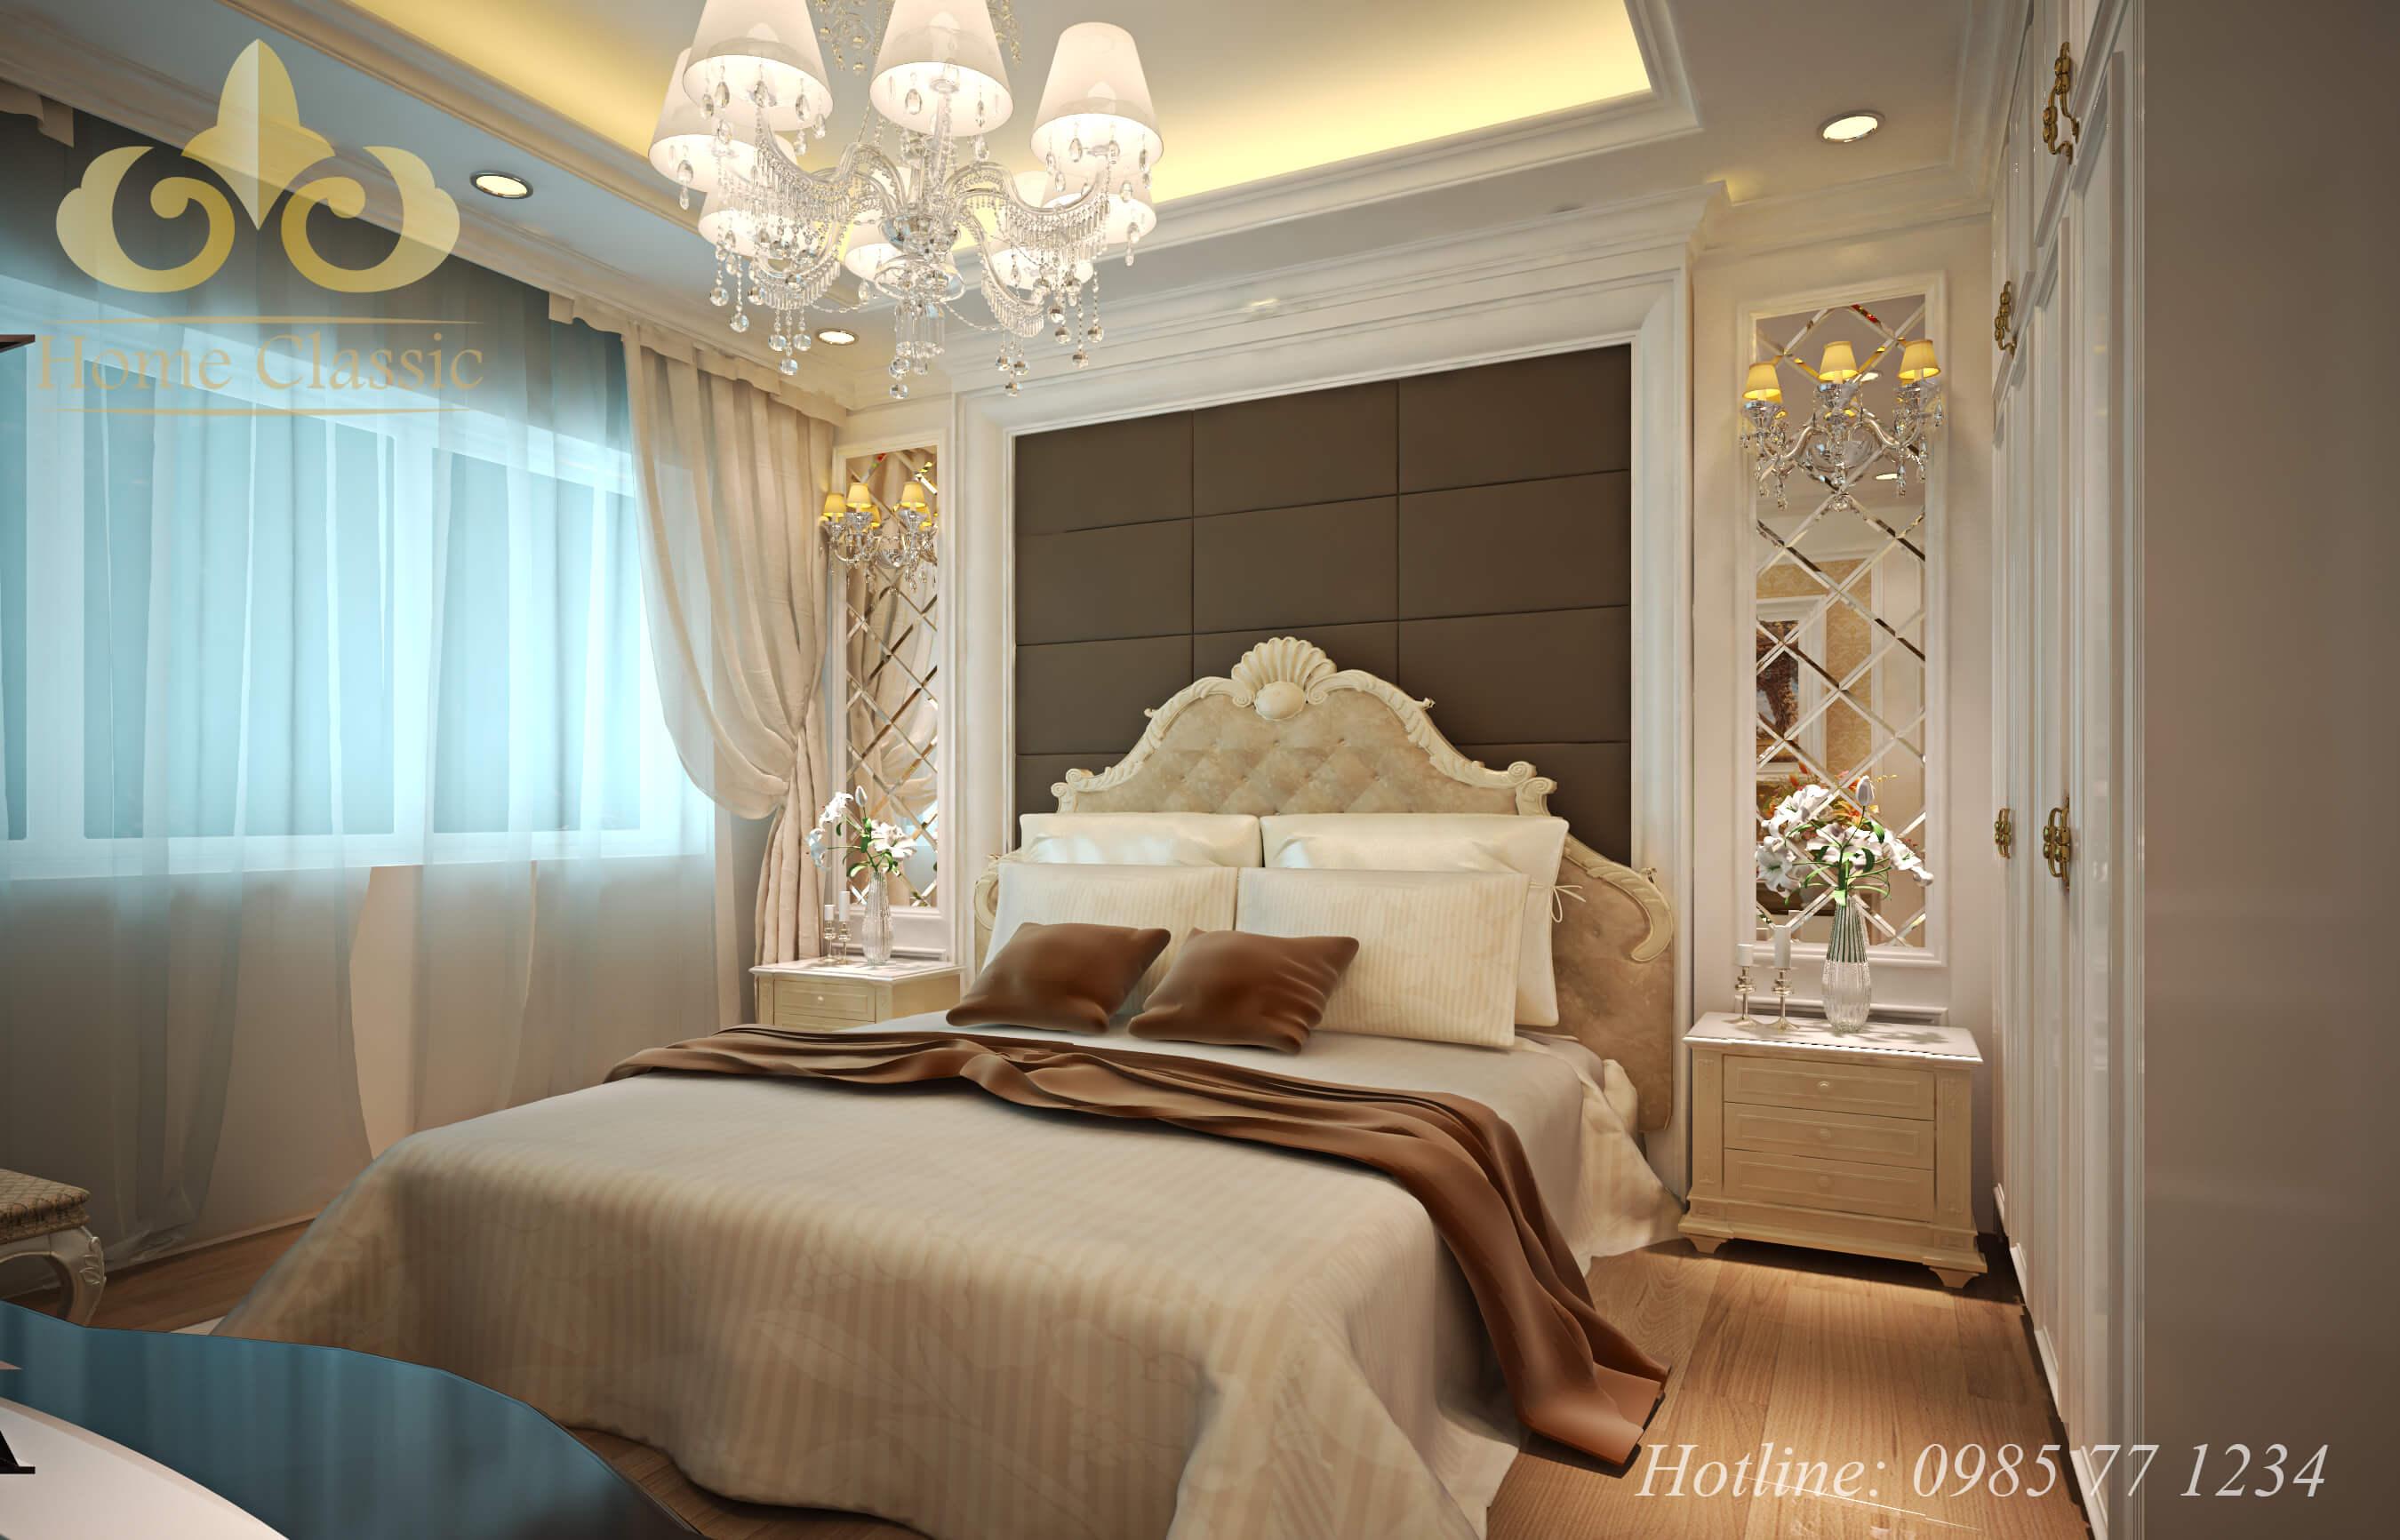 Thi công nội thất phòng ngủ tân cổ điển - cổ điển